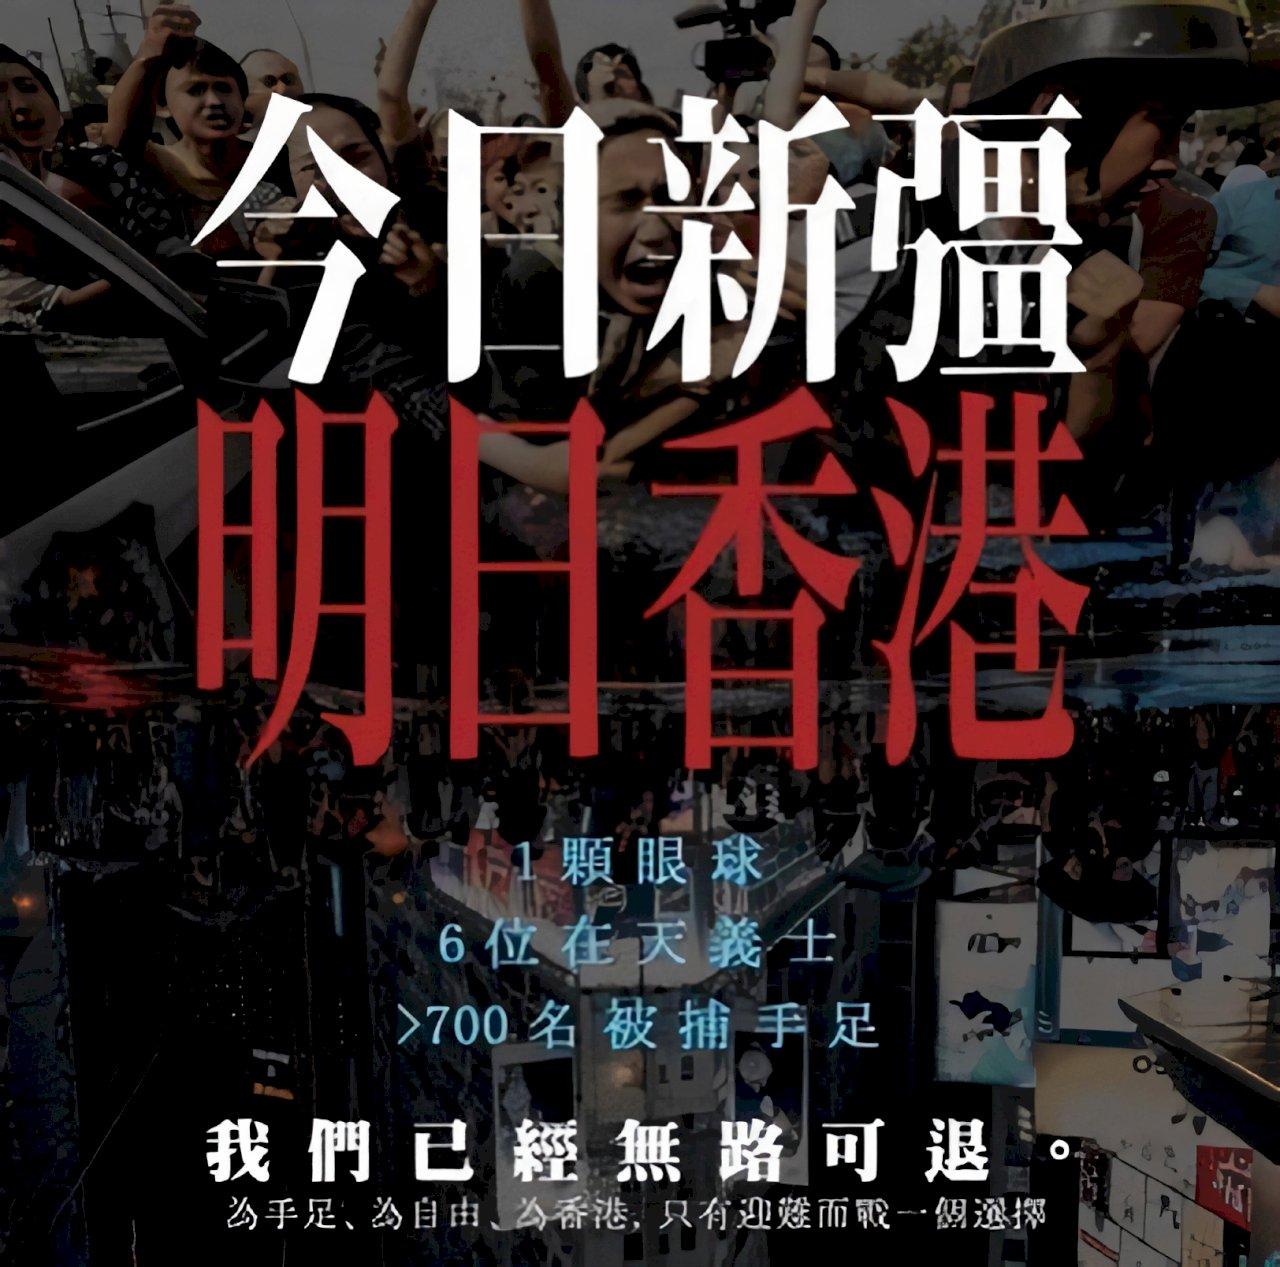 安華醫師:面對共同魔鬼欺壓  香港與新疆成了難兄難弟